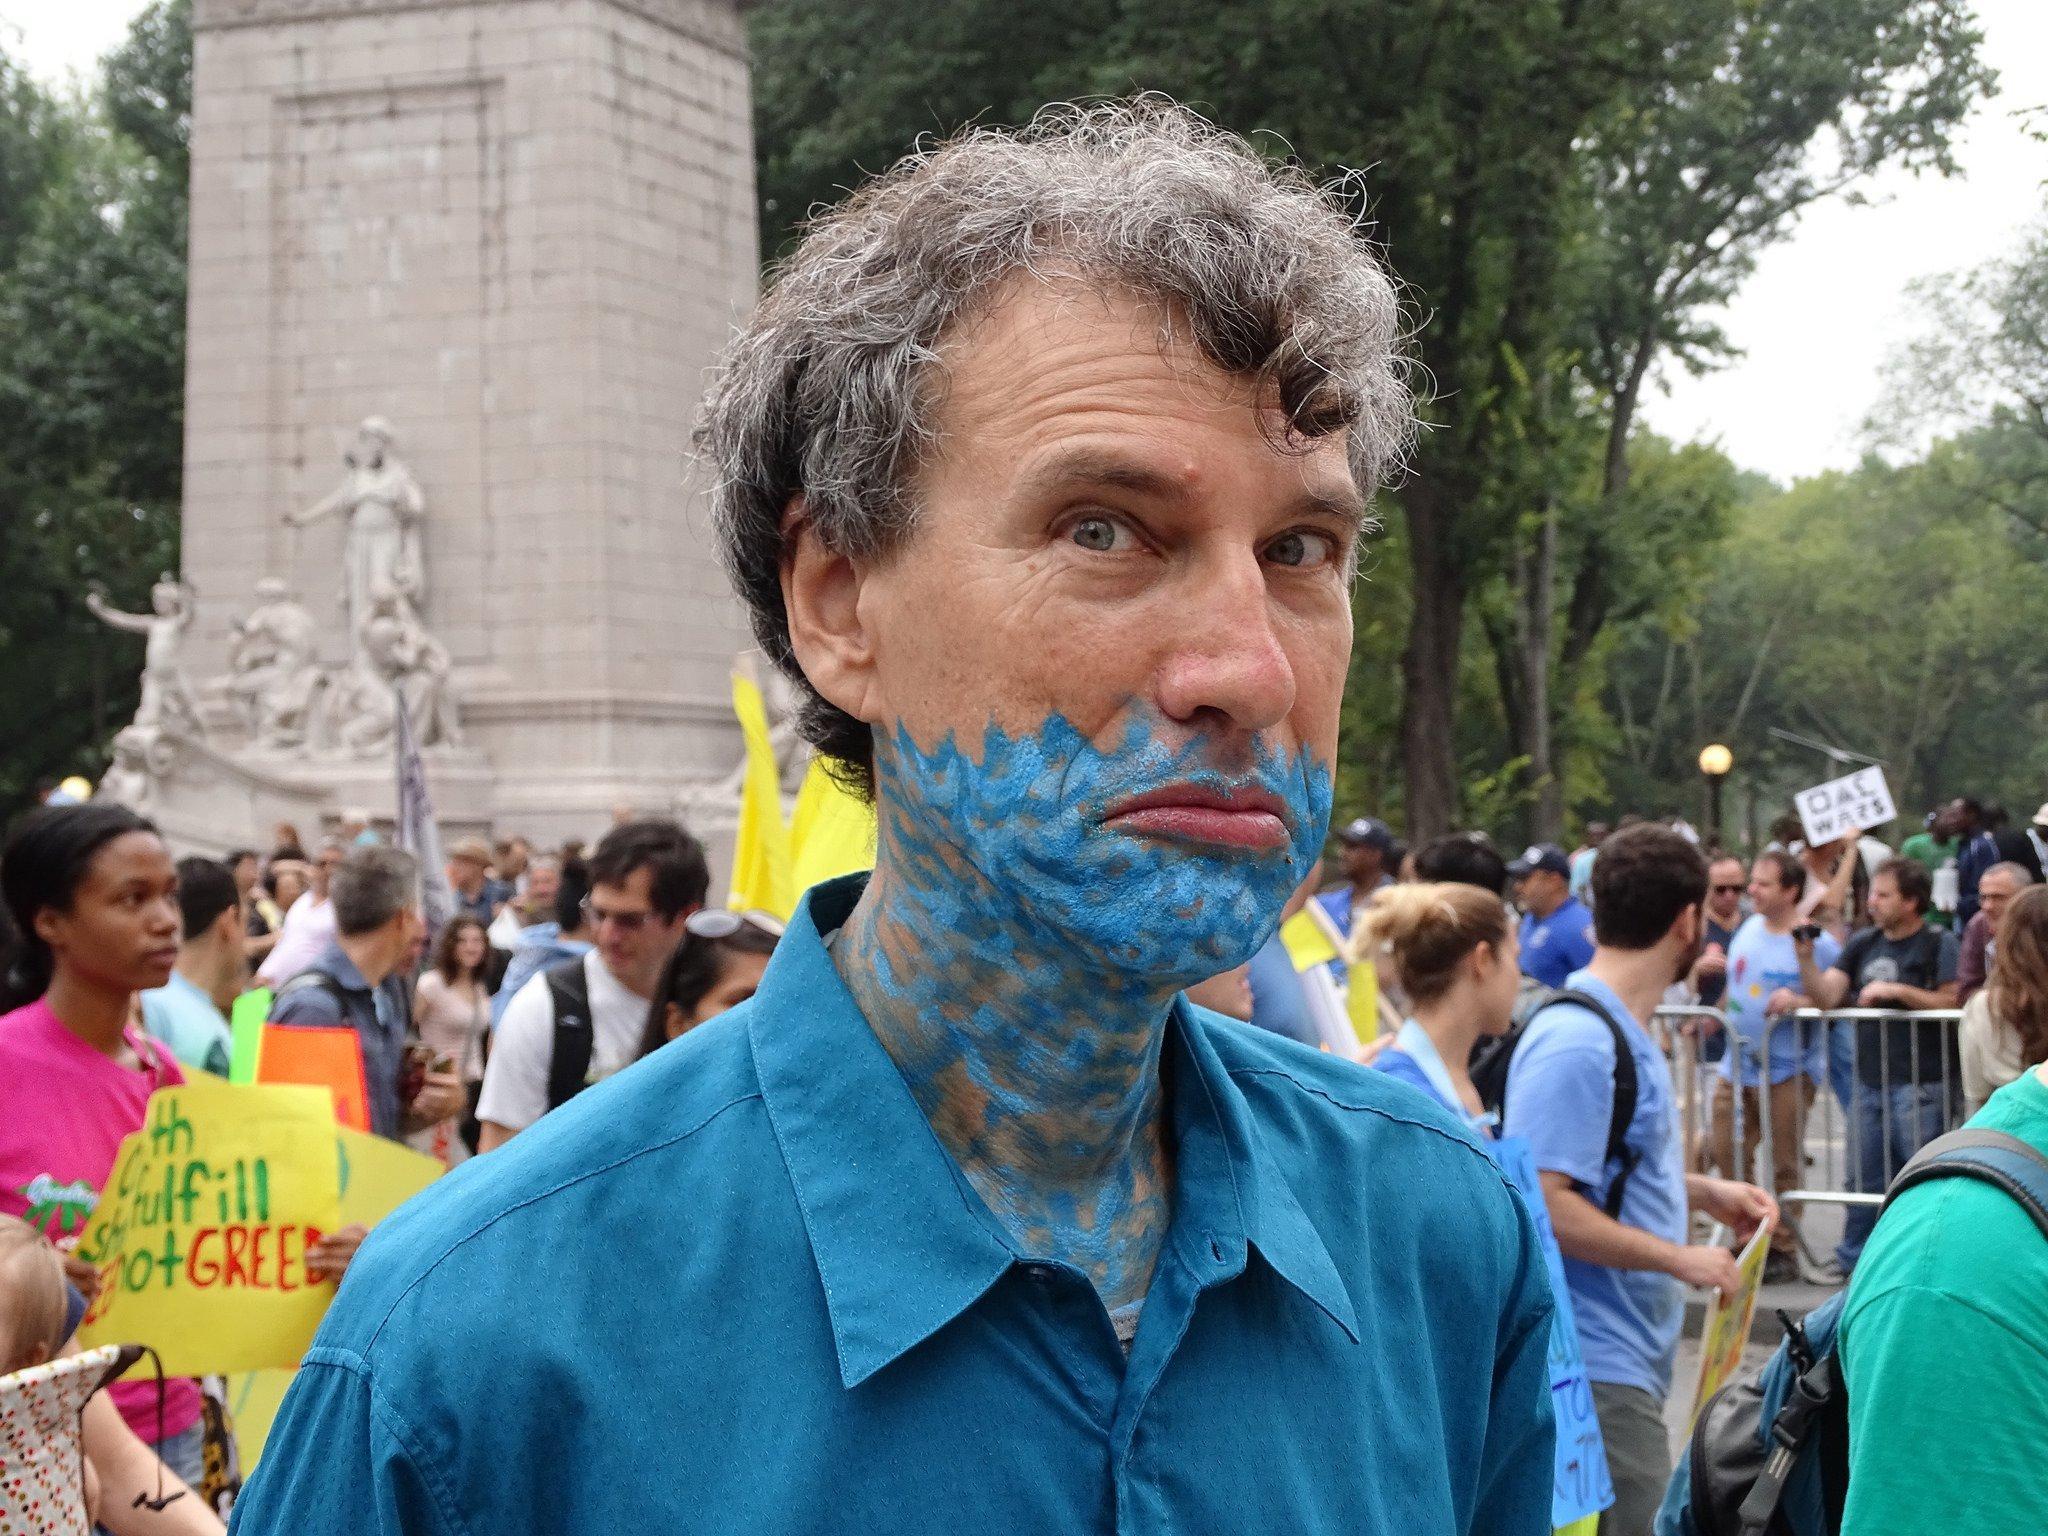 Blaue Striche am Hals symbolisieren Wellen: Das Makeup sagt, das Wasser steht ihm nicht nur bis zum Hals, sondern schon bis zur Oberlippe. Der Blick unterstreicht die Botschaft. Ein Demonstrant beim Peoples Climate March 2014.